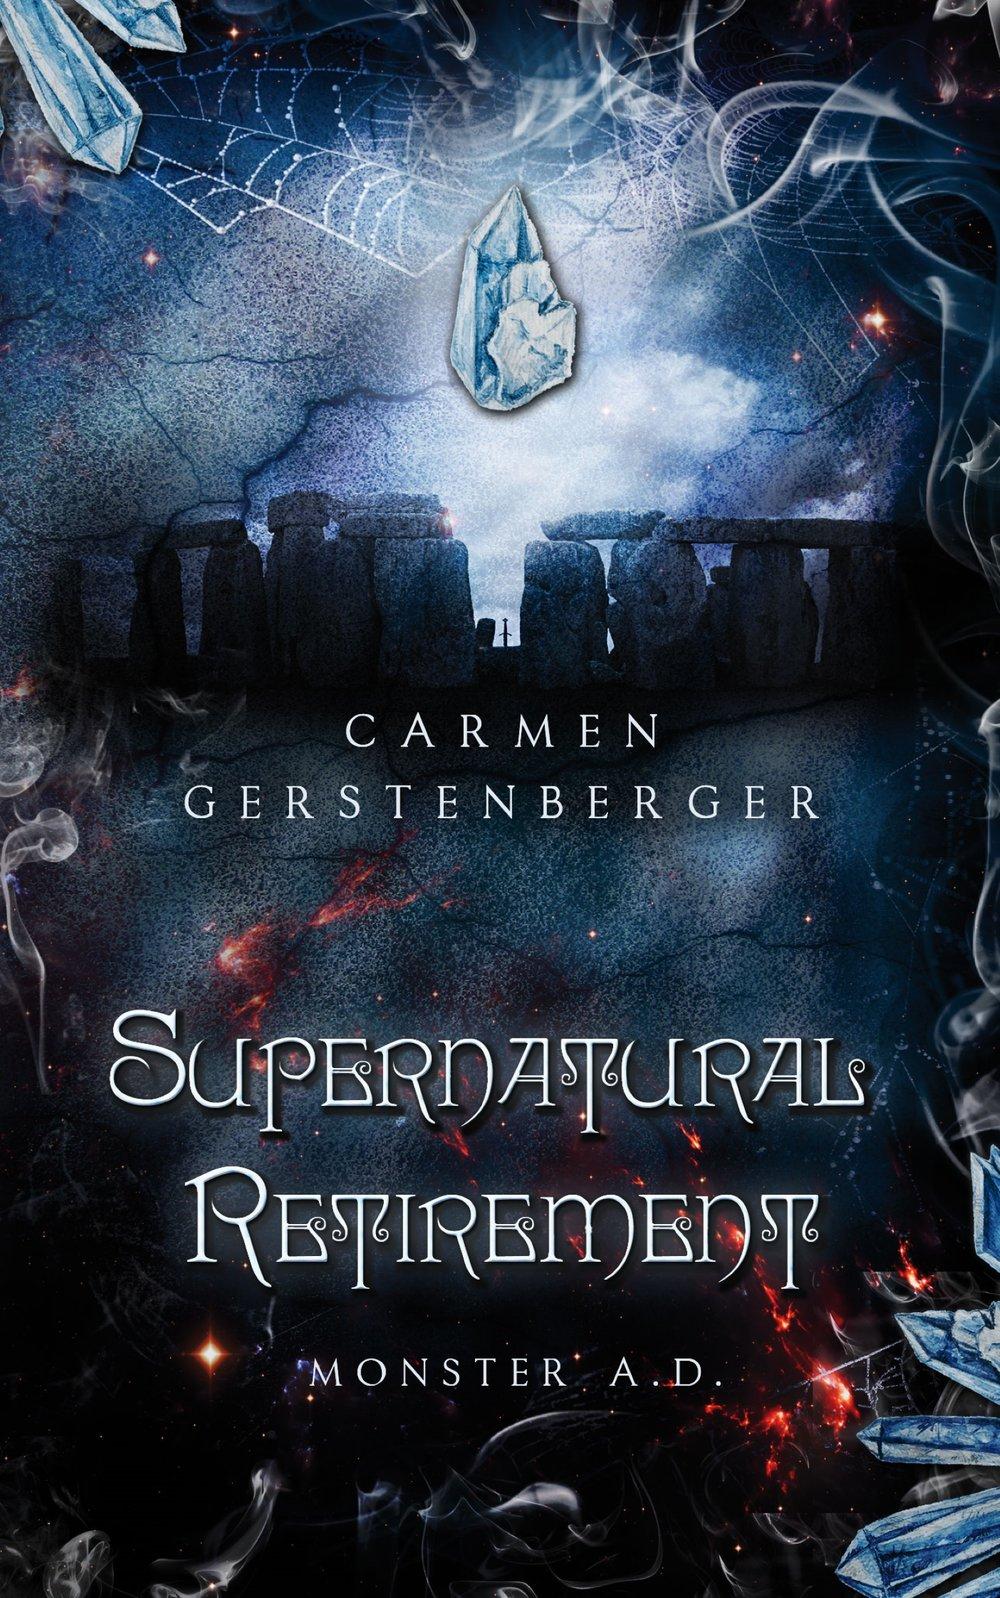 Gerstenberger_Carmen_Supernatural_Retirement_phantastik-autoren-netzwerk.jpg